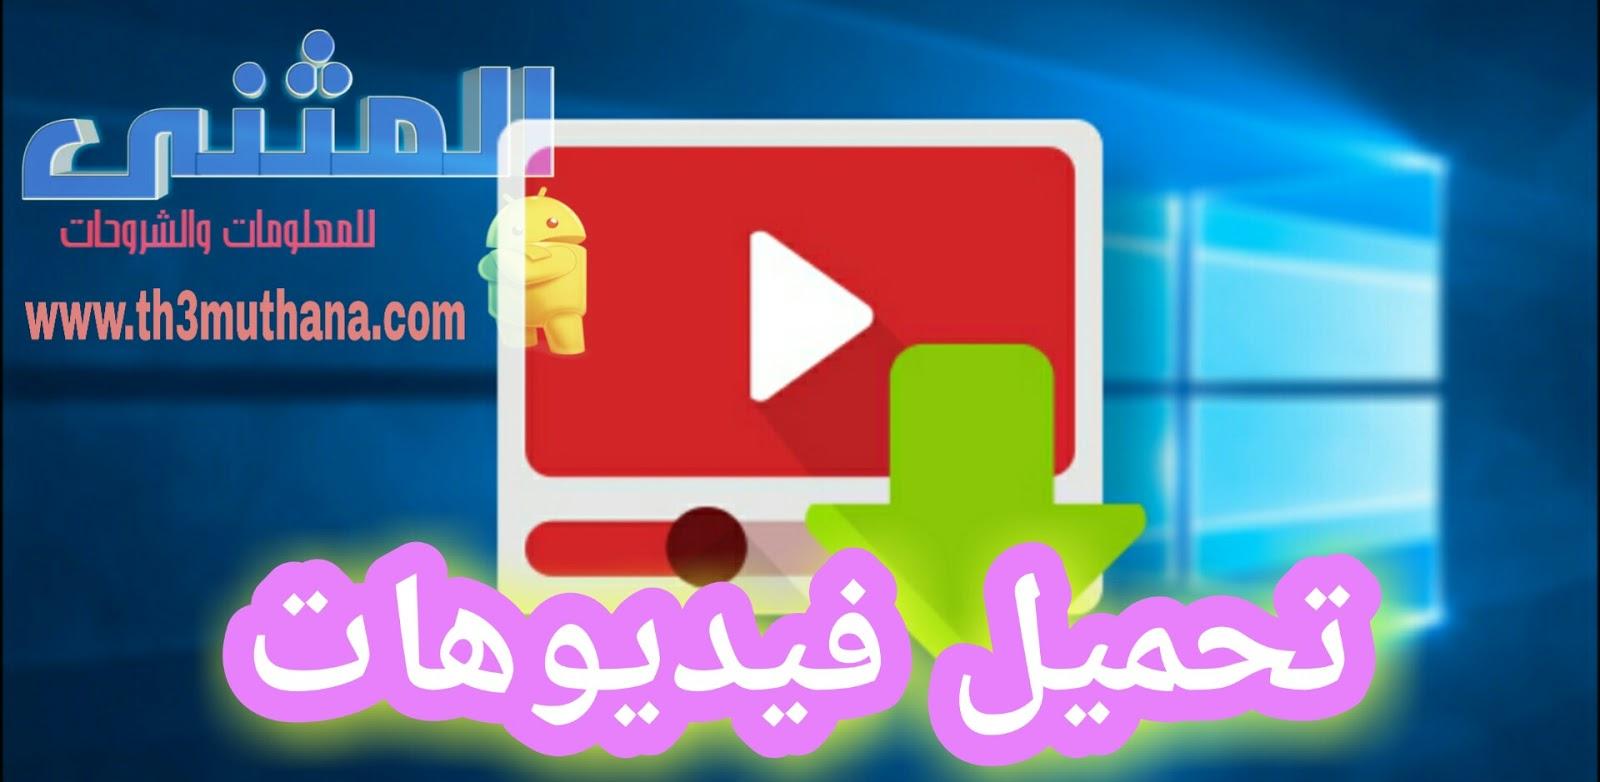 تحميل اضافة كروم لتحميل الفيديوهات من الانترنت الأندرويد